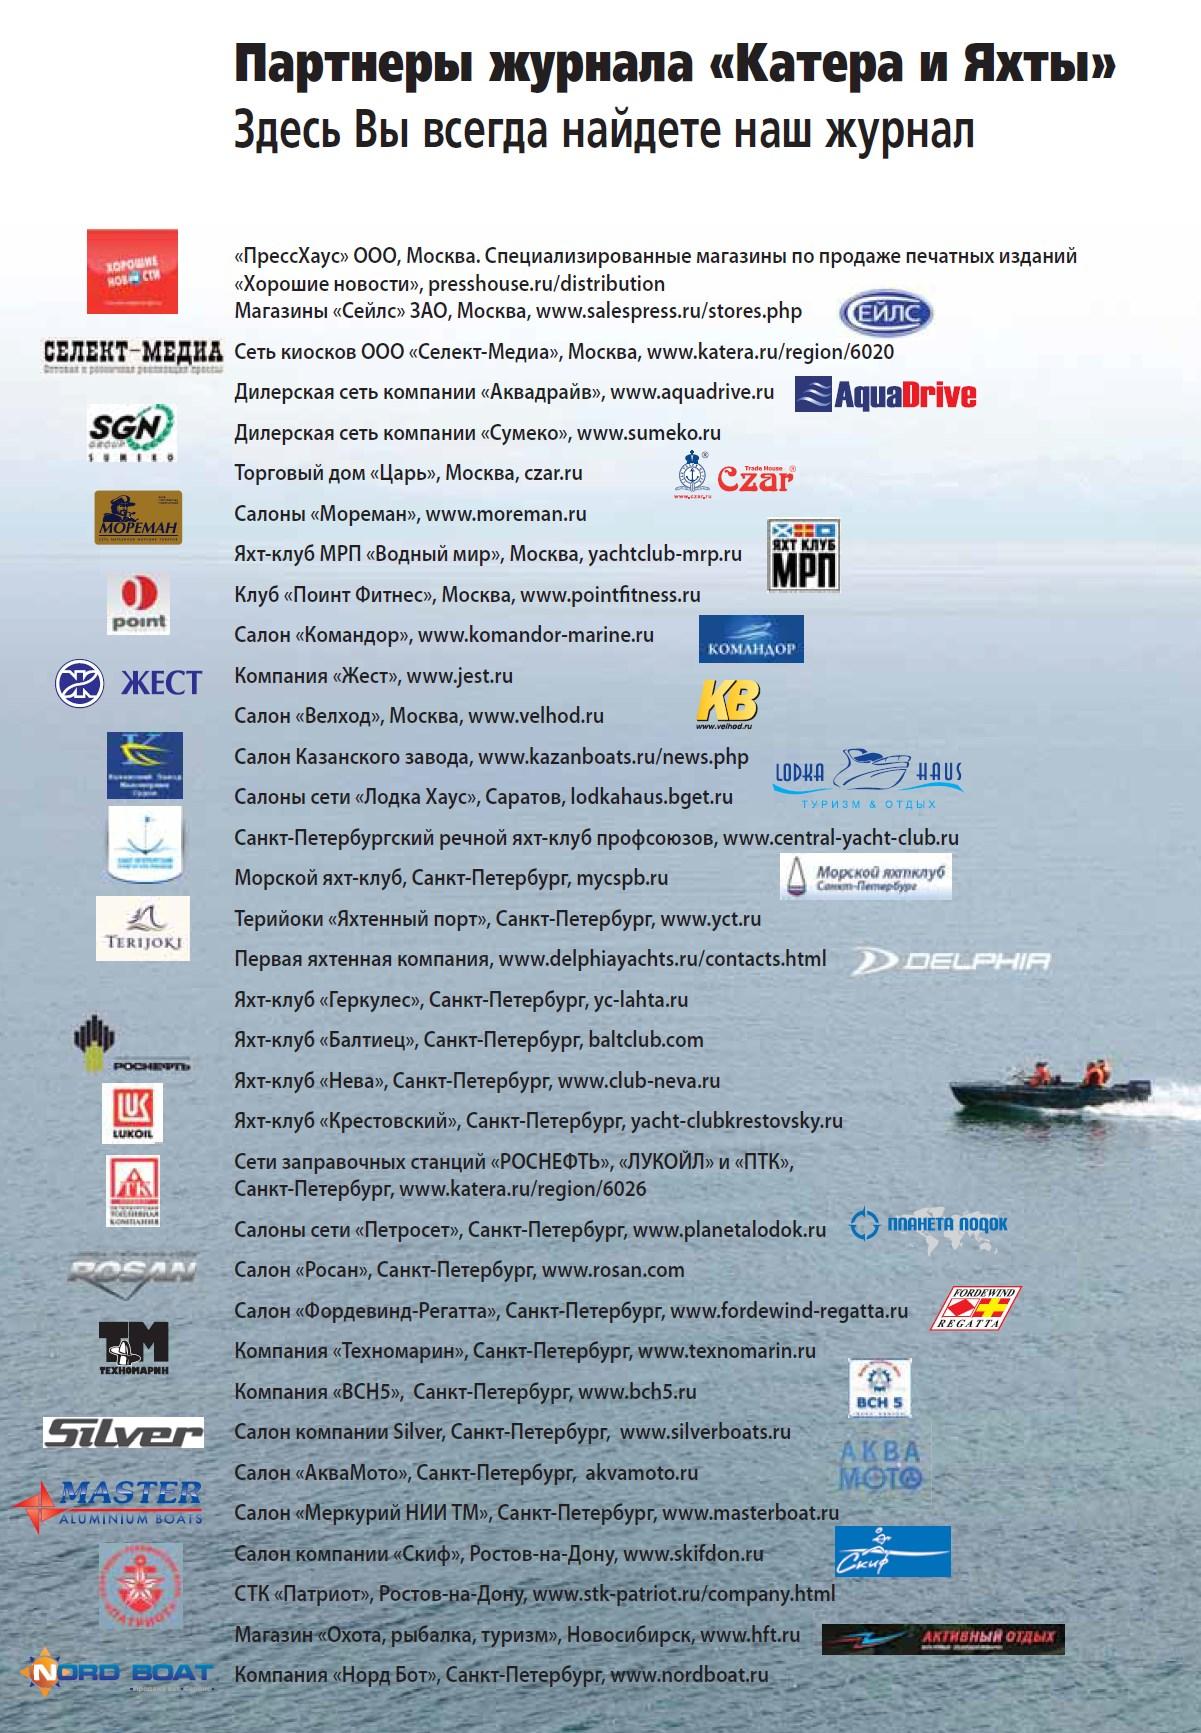 Партнеры журнала «Катера и Яхты» - Здесь Вы всегда найдете наш журнал